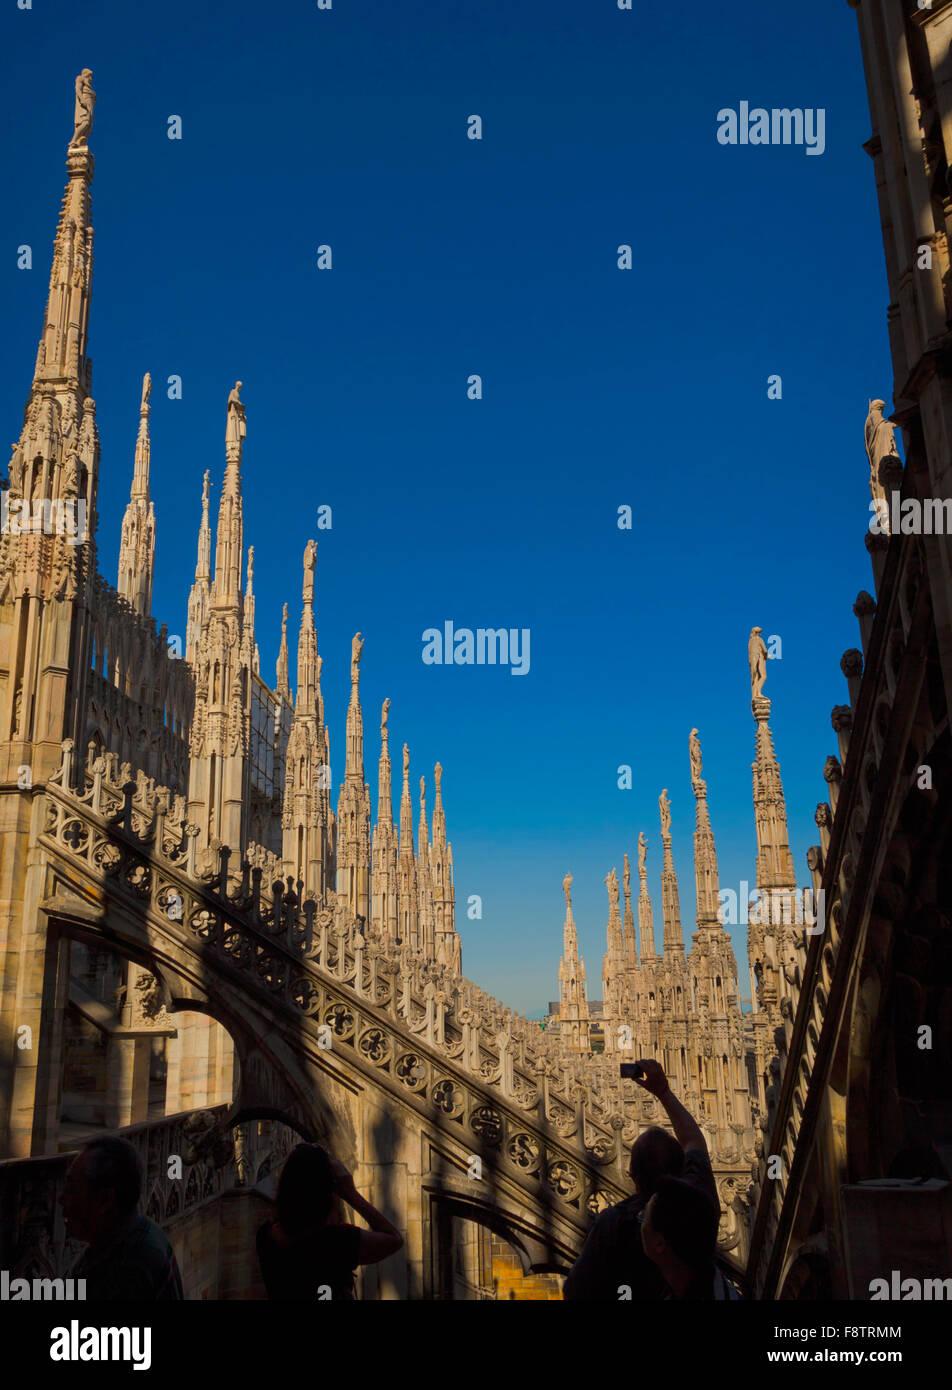 Milano, Provincia di Milano, lombardia, italia. Spires sul tetto del Duomo o Cattedrale. Immagini Stock